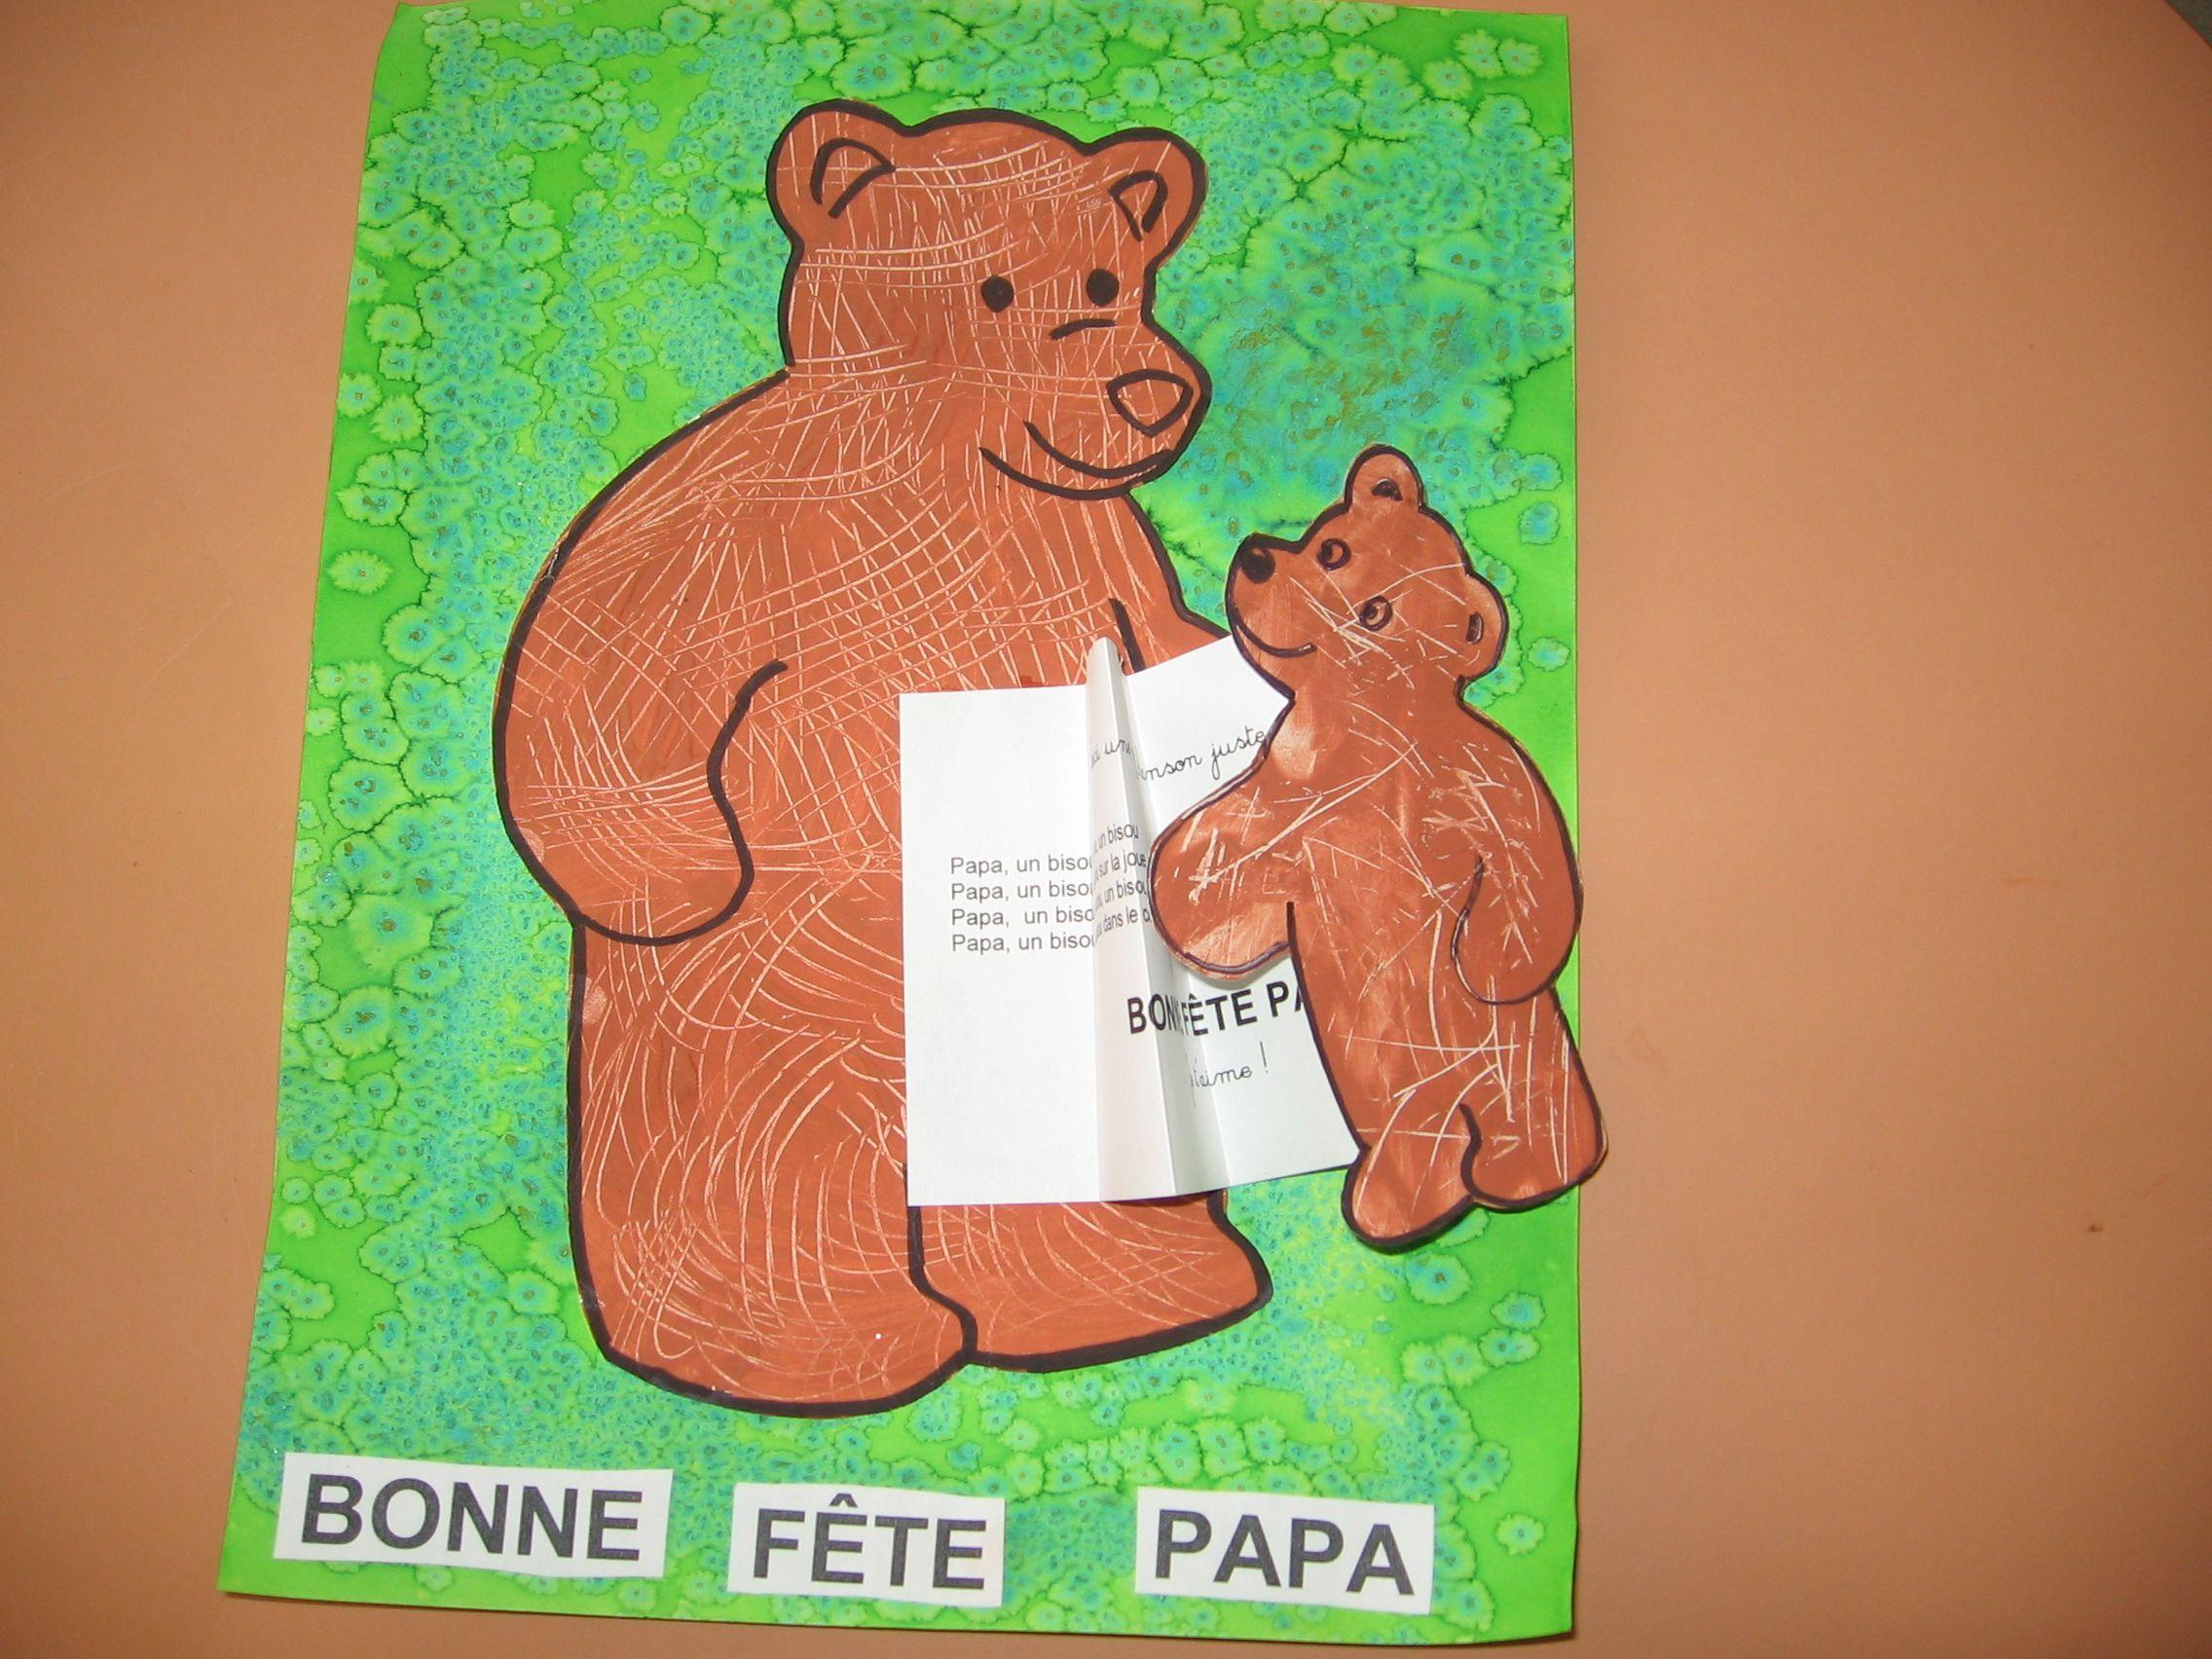 Carte Bonne Fete Ours.Carte Bonne Fete Papa Avec Poesie Pliee En Accordeon Et